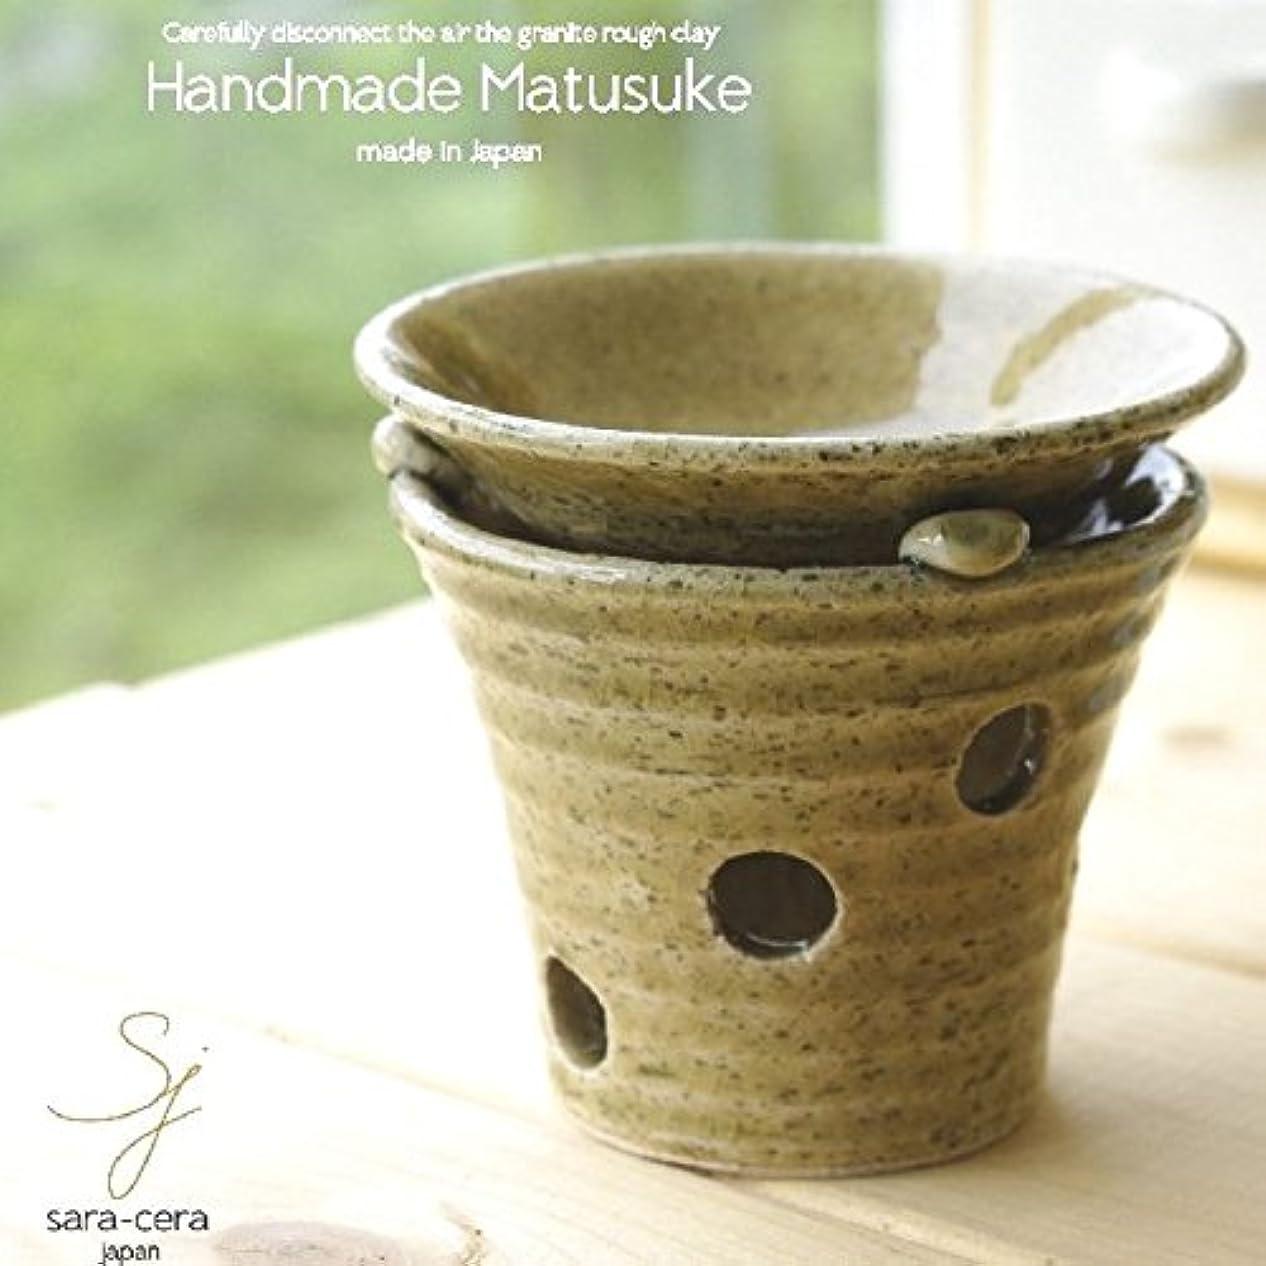 背景バリア女将松助窯 手作り茶香炉セット 灰釉ビードロ アロマ 和風 陶器 手づくり 日本製 美濃焼